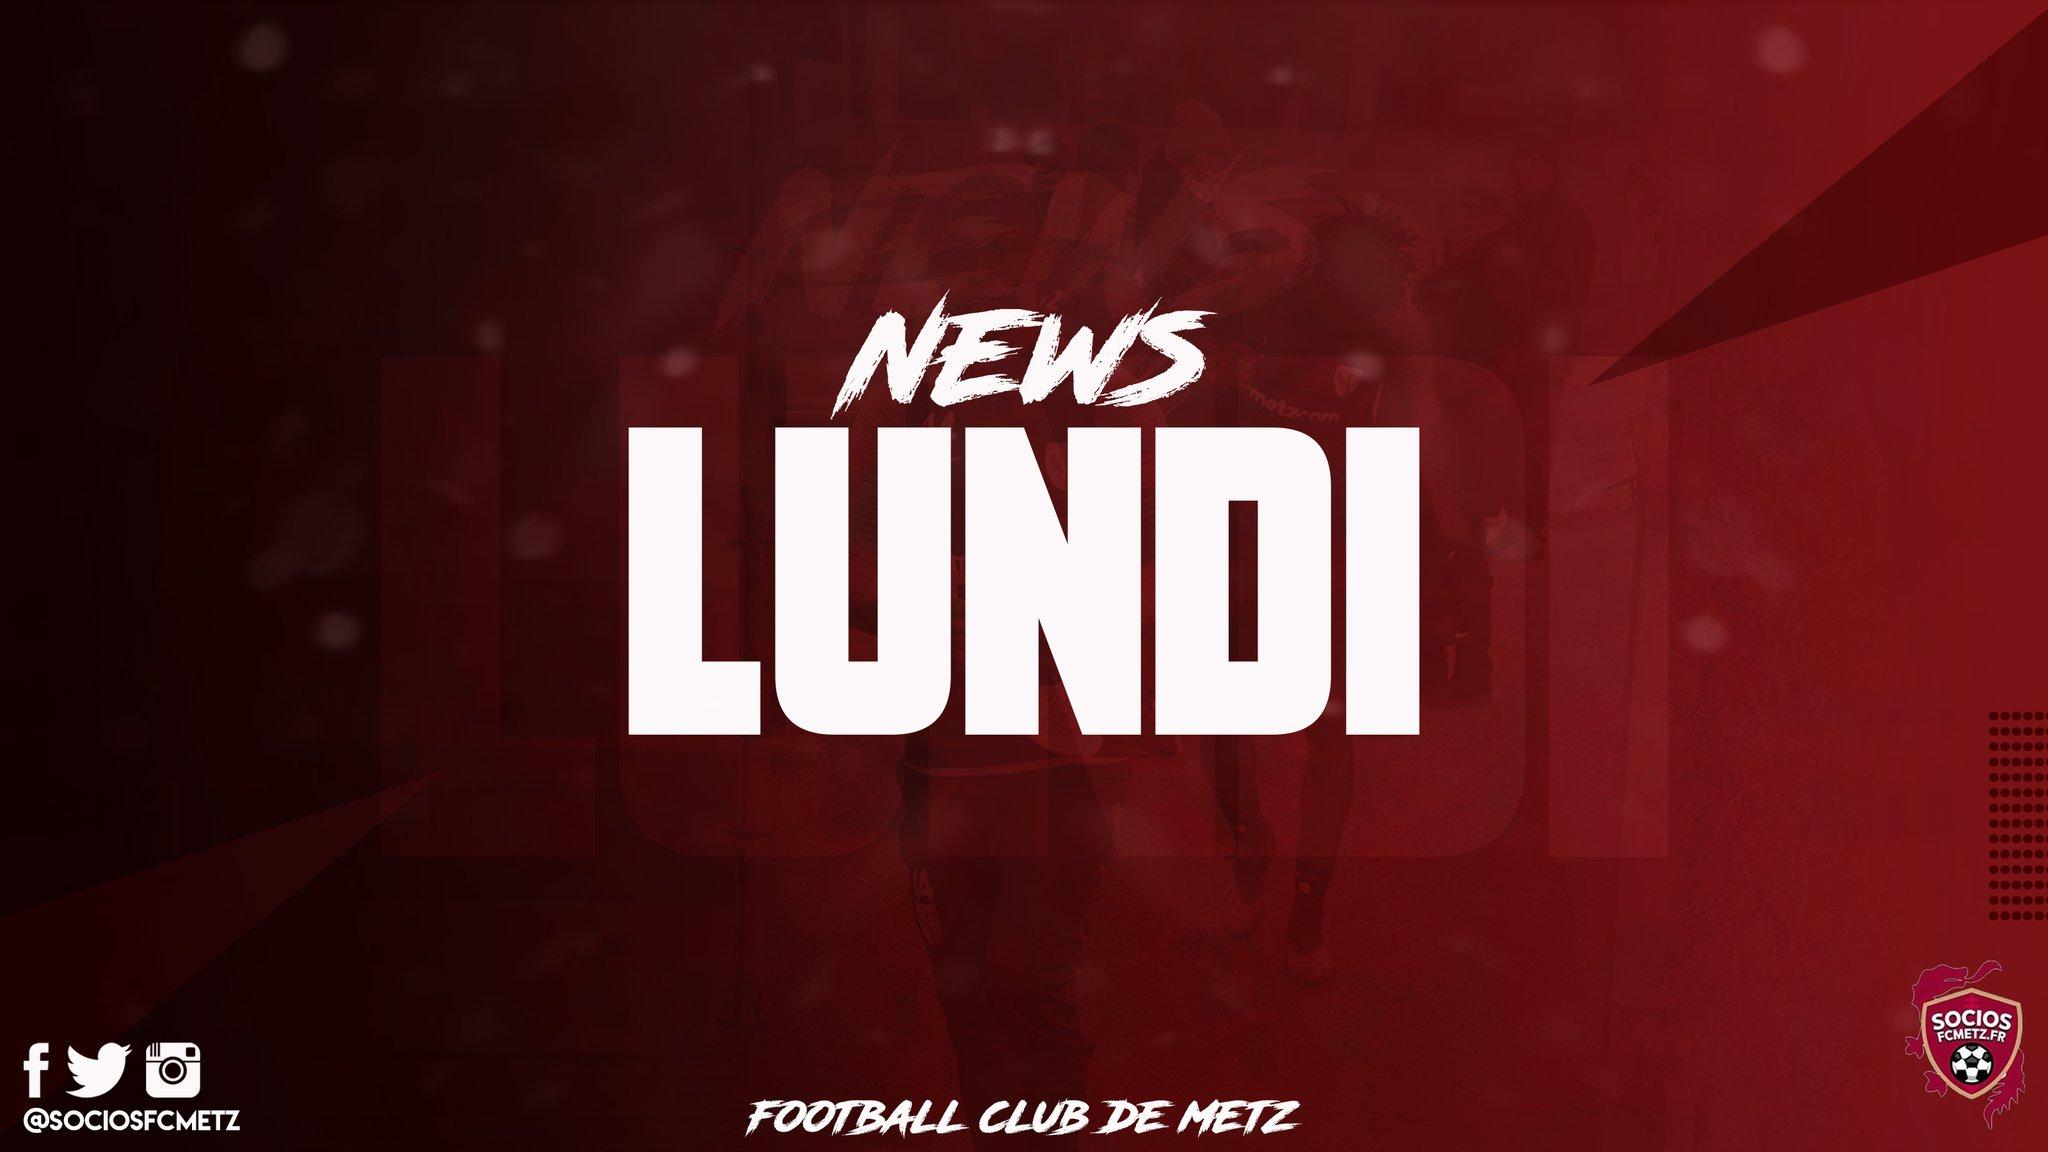 News Lundi socios FC Metz